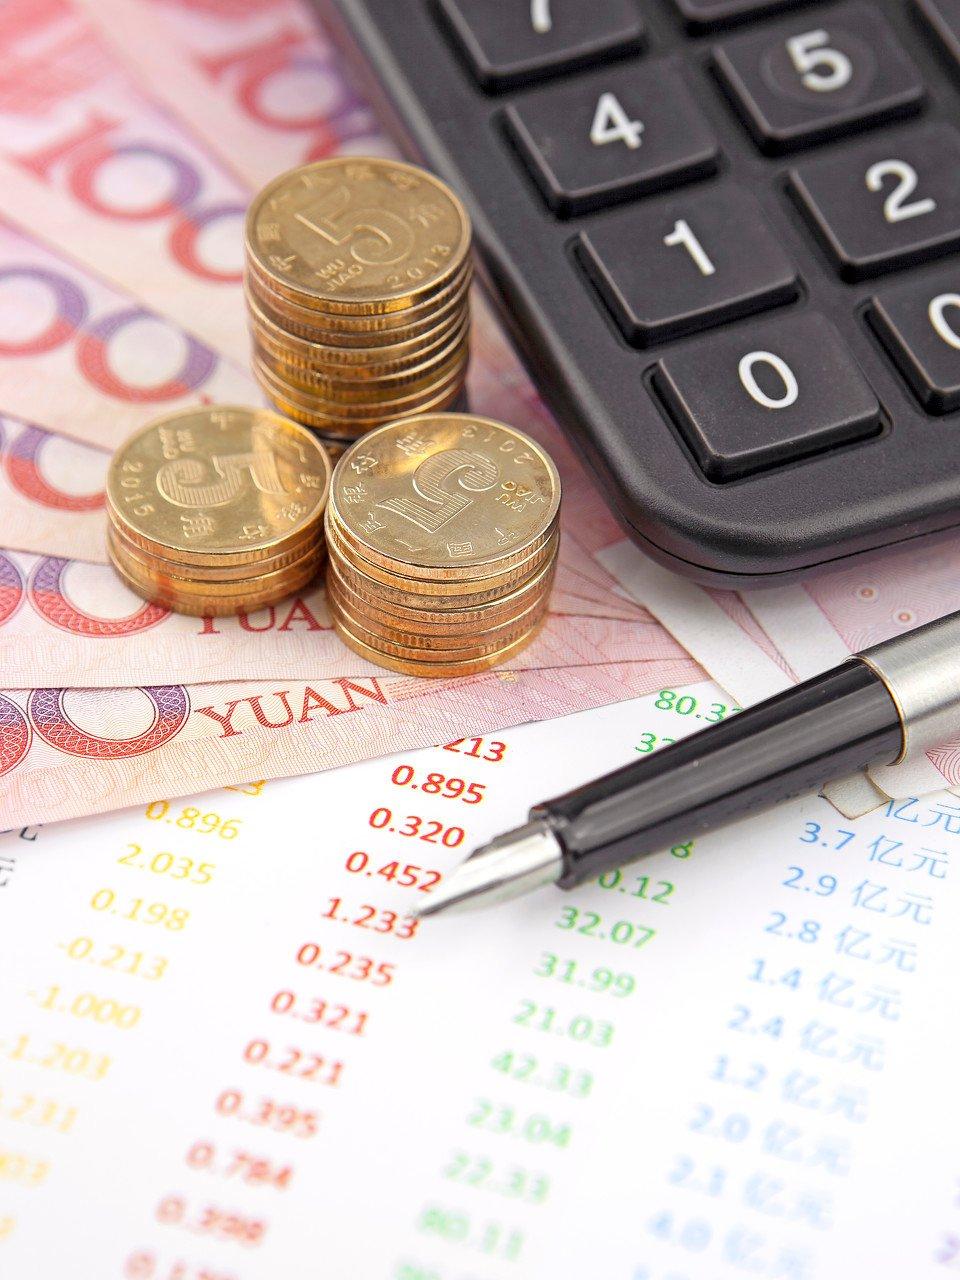 【海通宏观】8月金融数据点评:社融增速回升,经济复苏继续